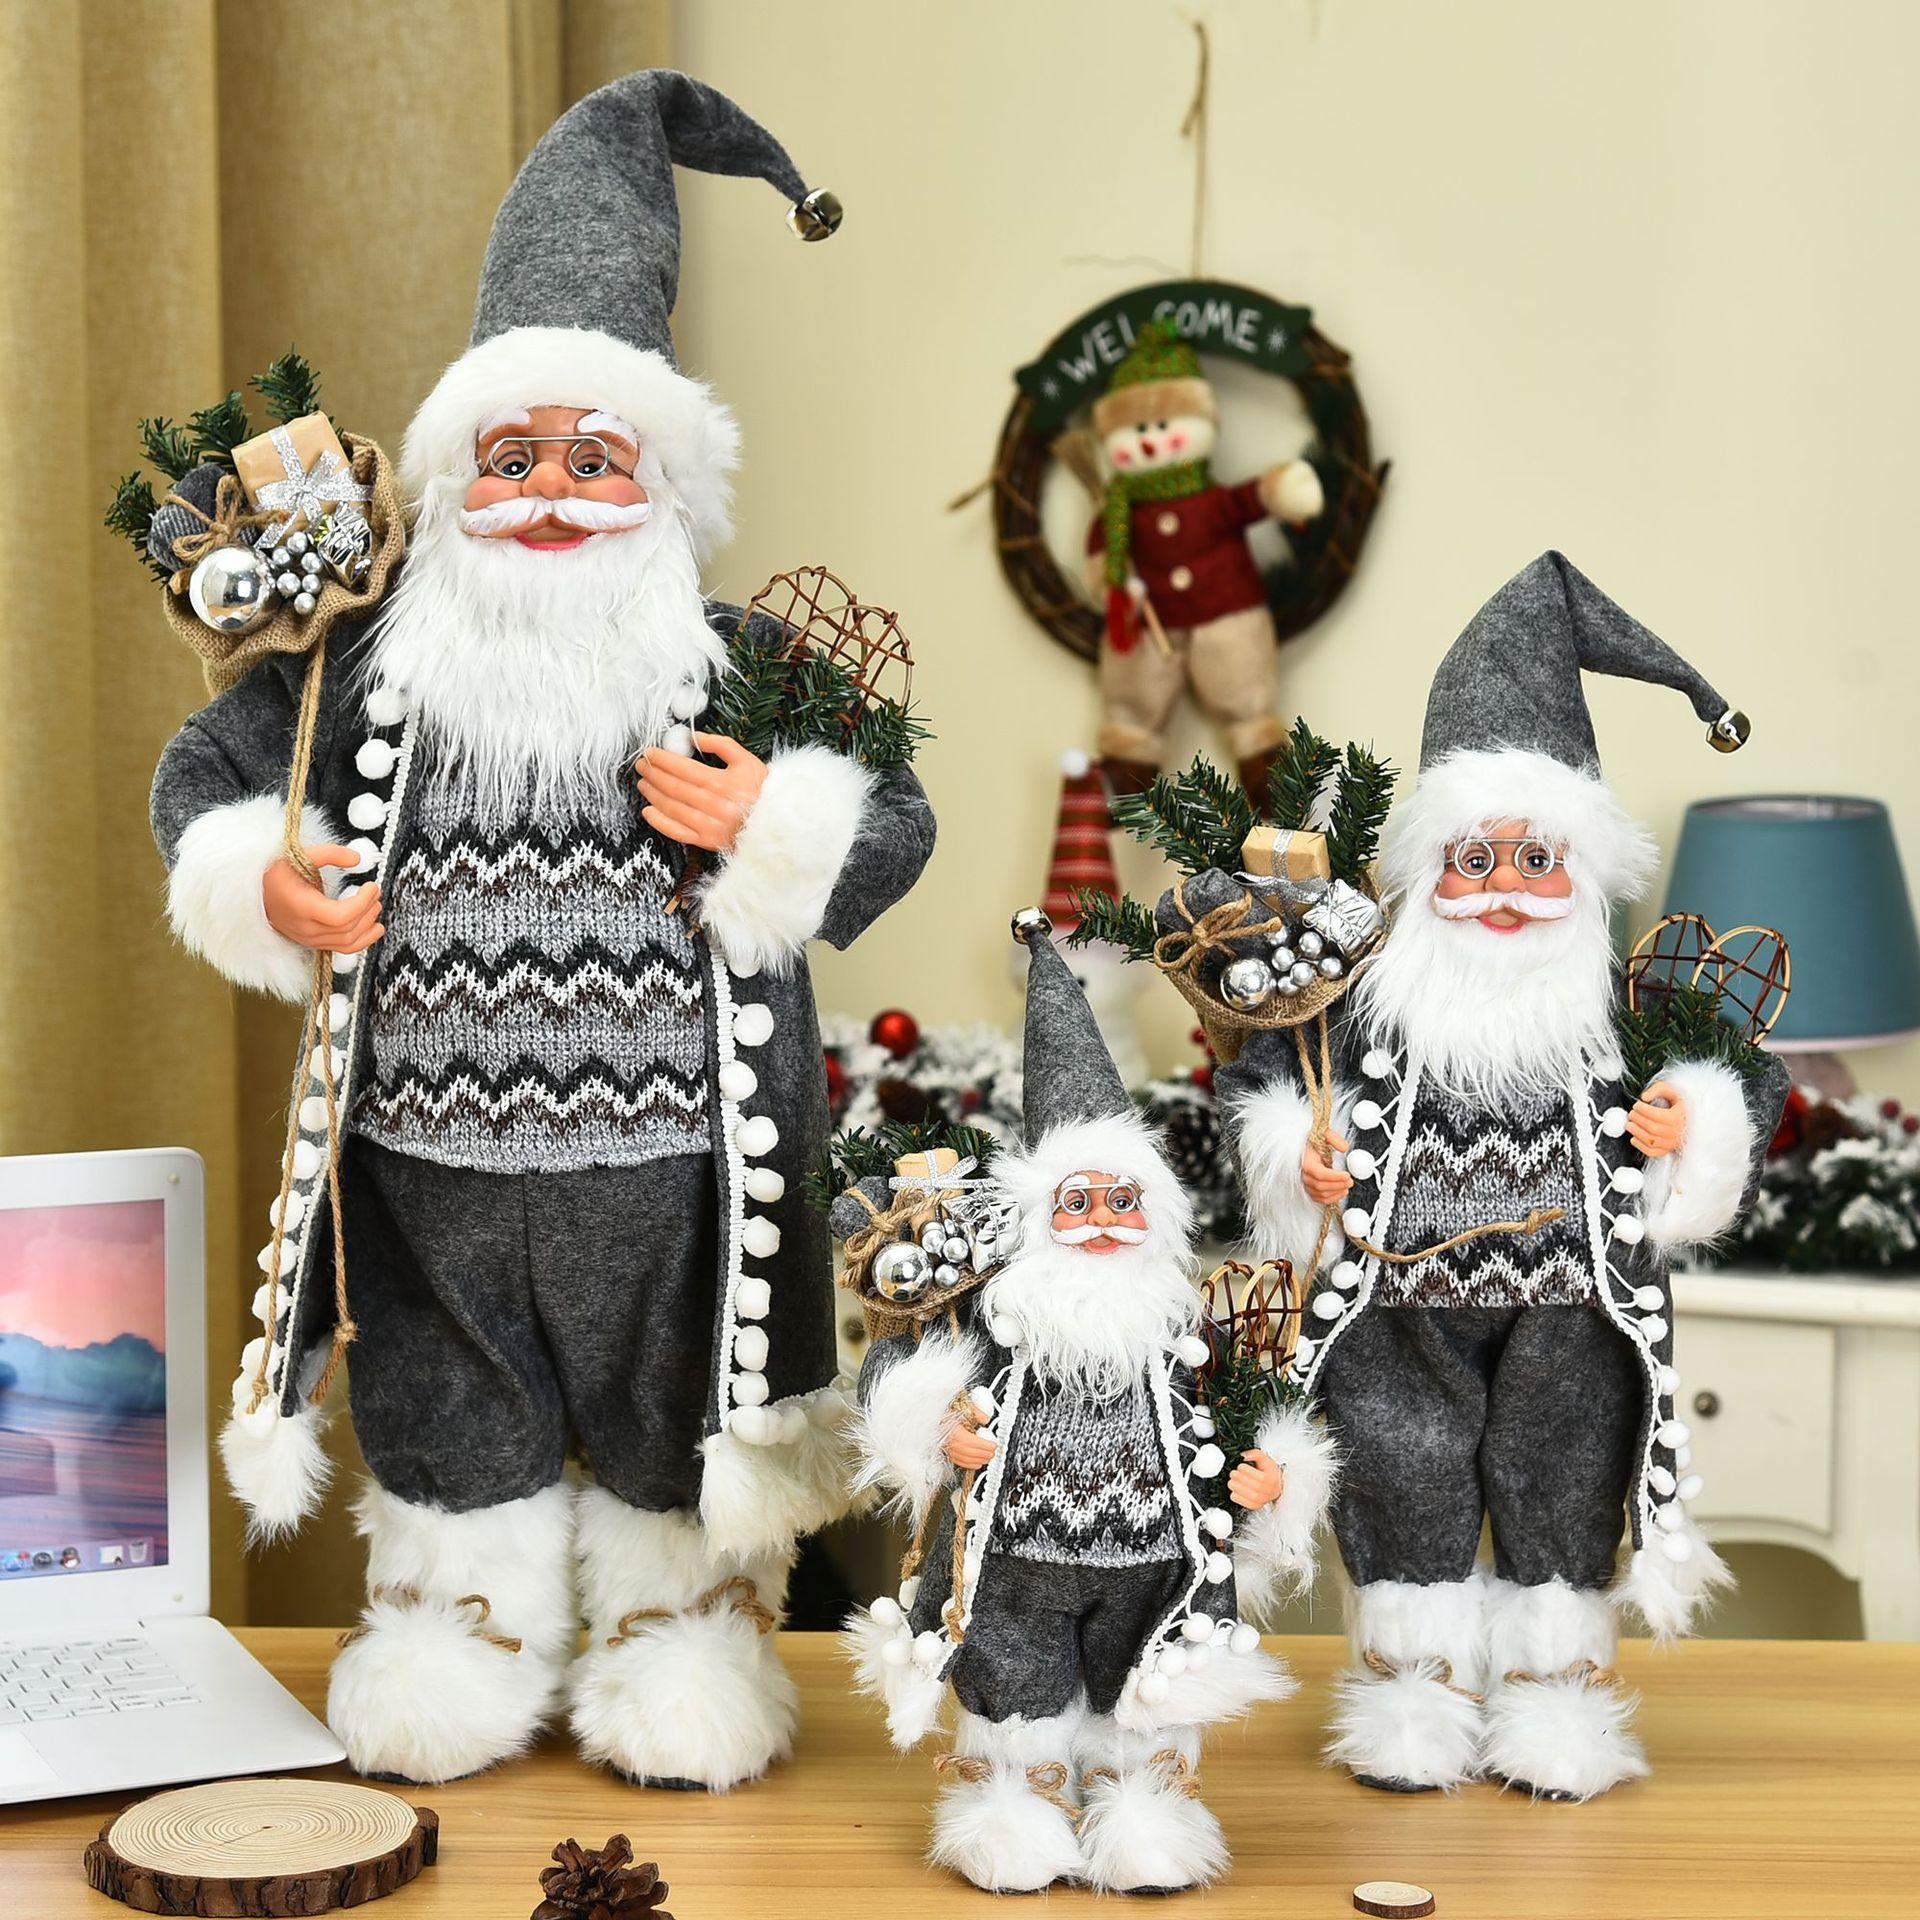 Regali Grigio Christmas Articoli allegro Ornamenti Decorazione natale albero ornamenti Barba Party Bambola di Natale Borsa da bambola Santa Claus Regalo Carry Bigurin CSBR